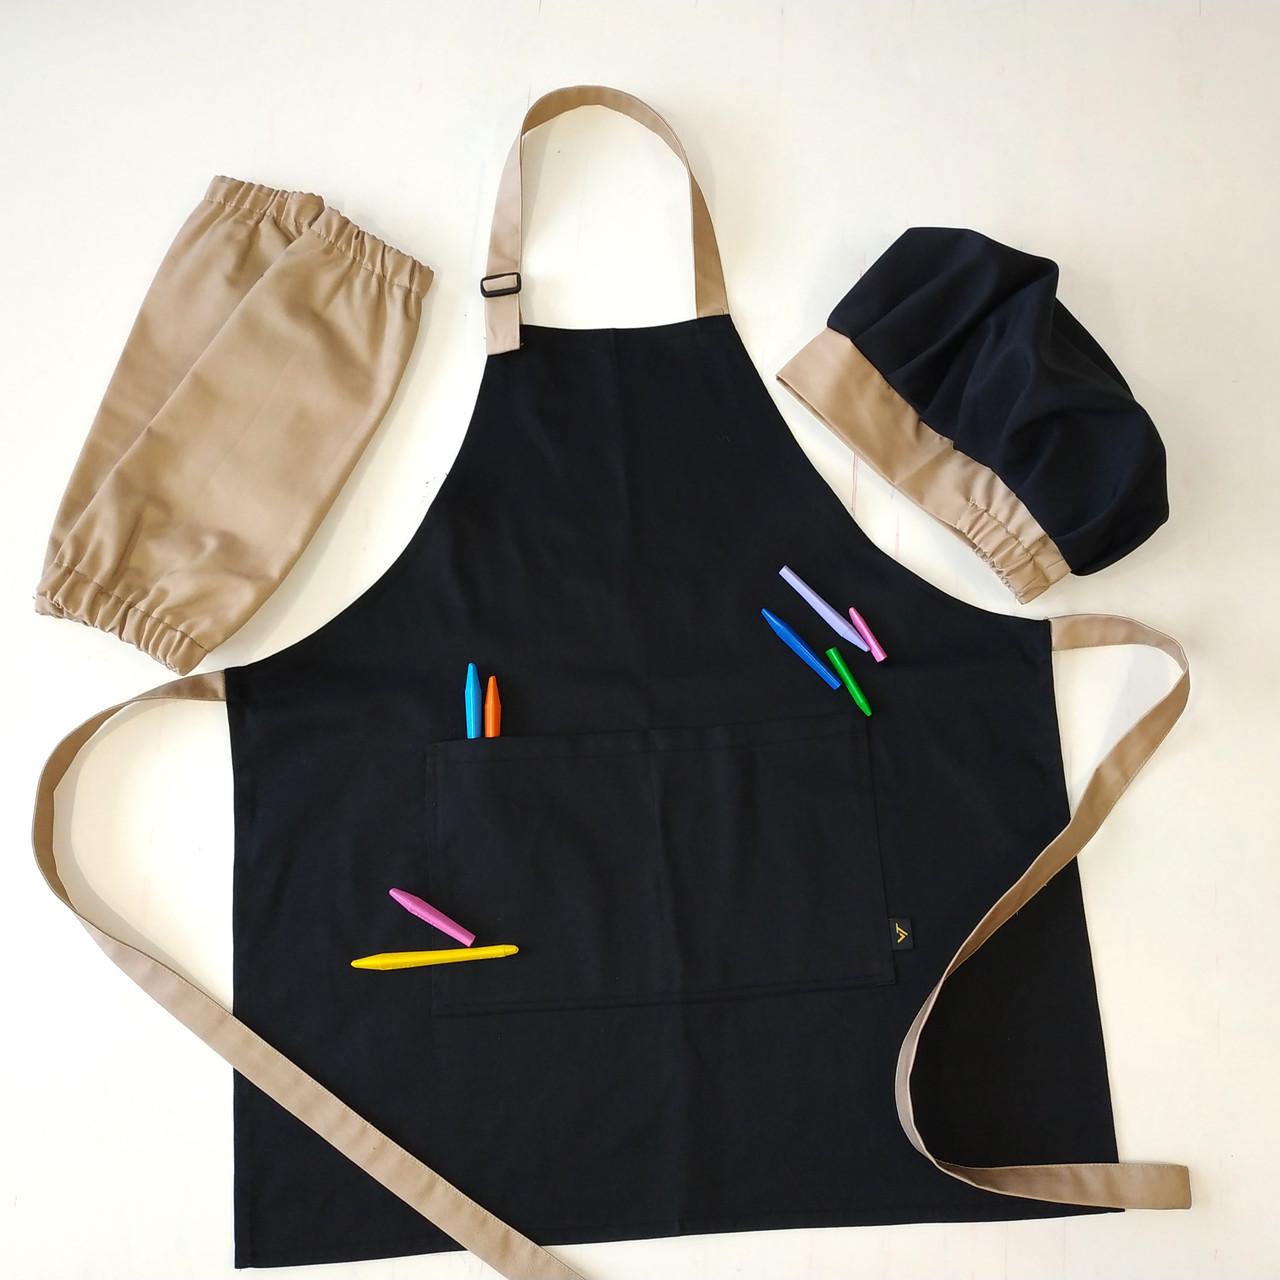 Фартух дитячий Latte Junior 7-12років | Комплект Фартух + Ковпак + Нарукавники